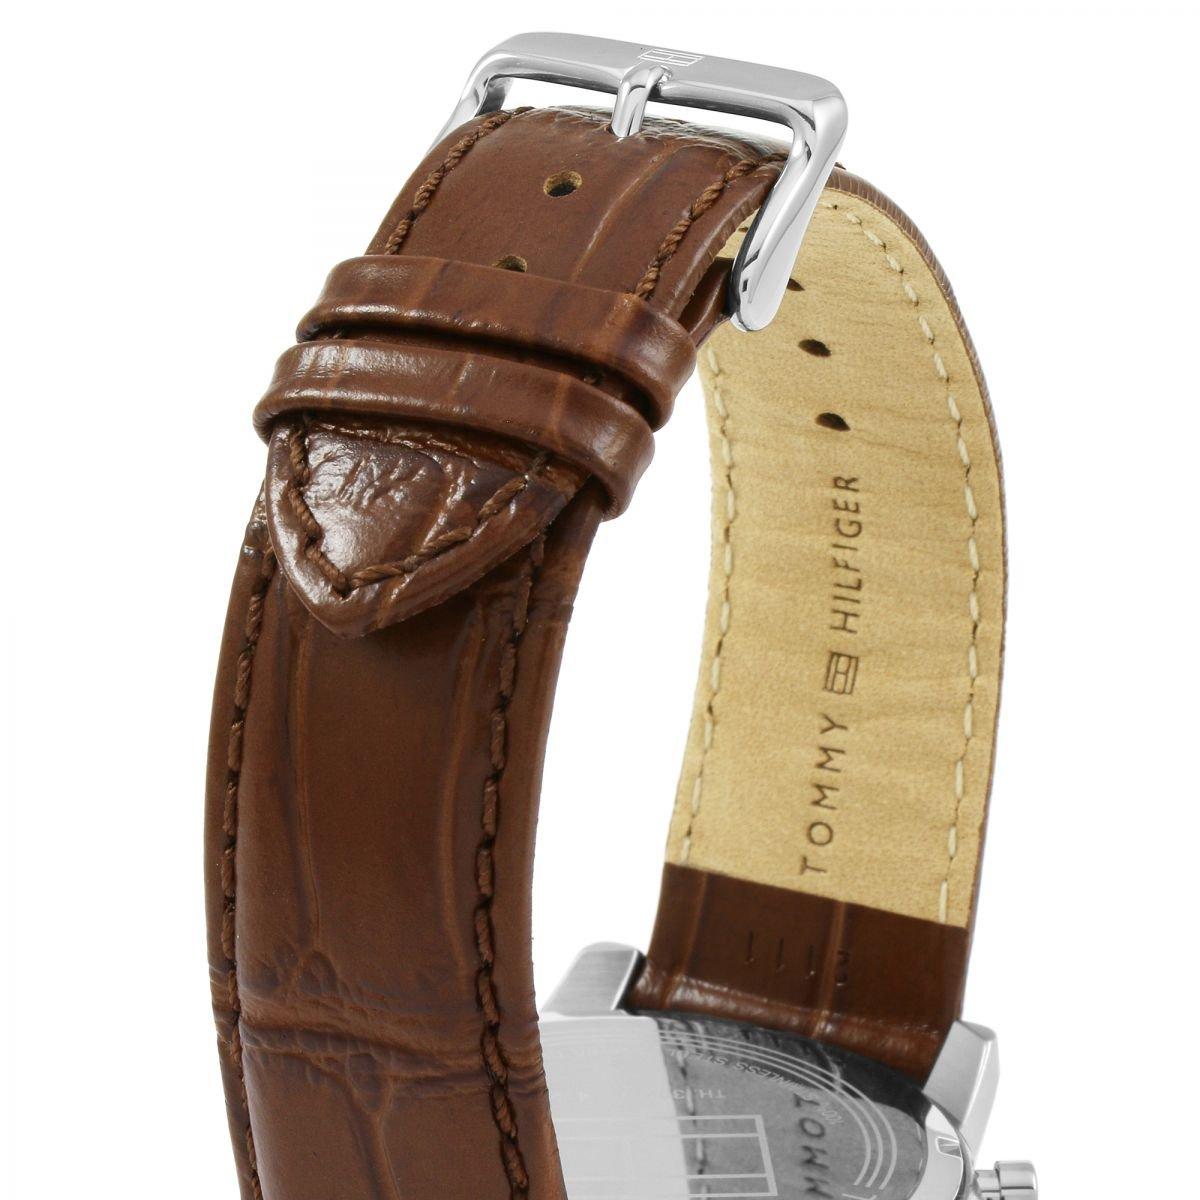 Tommy Hilfiger Reloj Multiesfera para Hombre de Cuarzo con Correa en Cuero 1791400: Amazon.es: Relojes